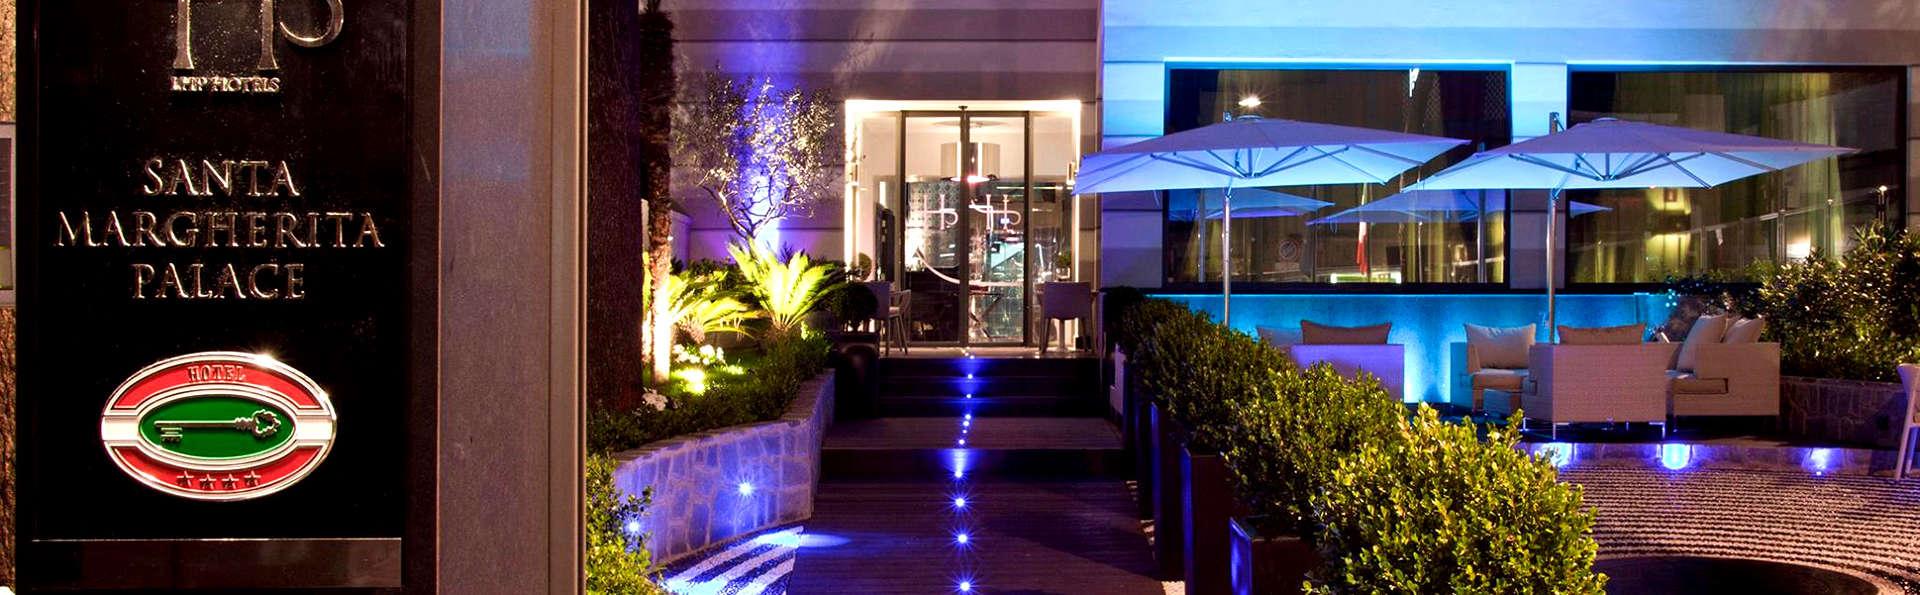 LHP Santa Margherita Palace & Spa - Edit_Entrance.jpg